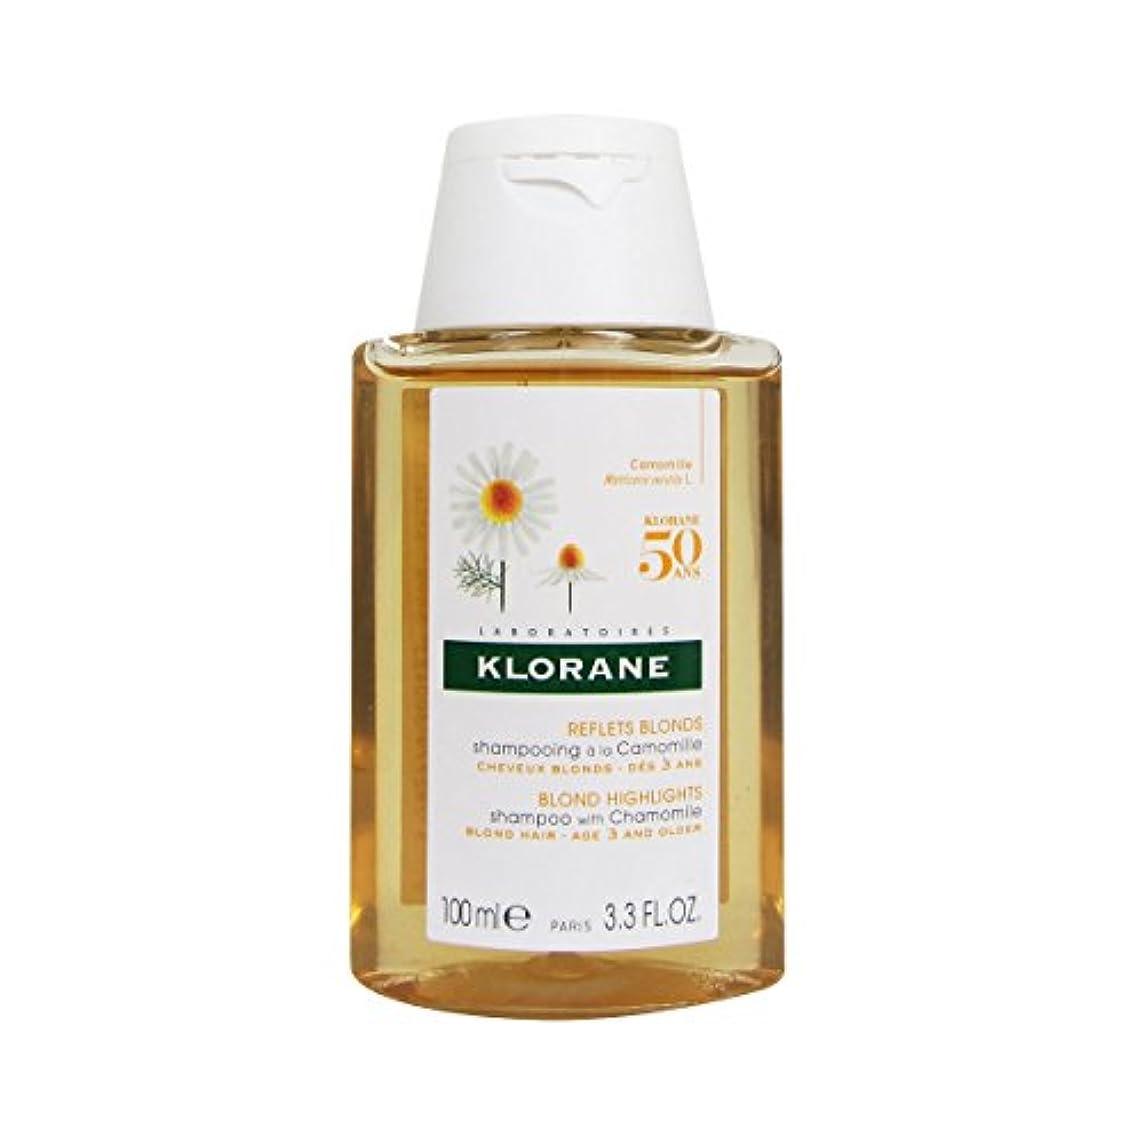 スピーカー不快な影のあるKlorane Shampoo With Camomile 100ml [並行輸入品]